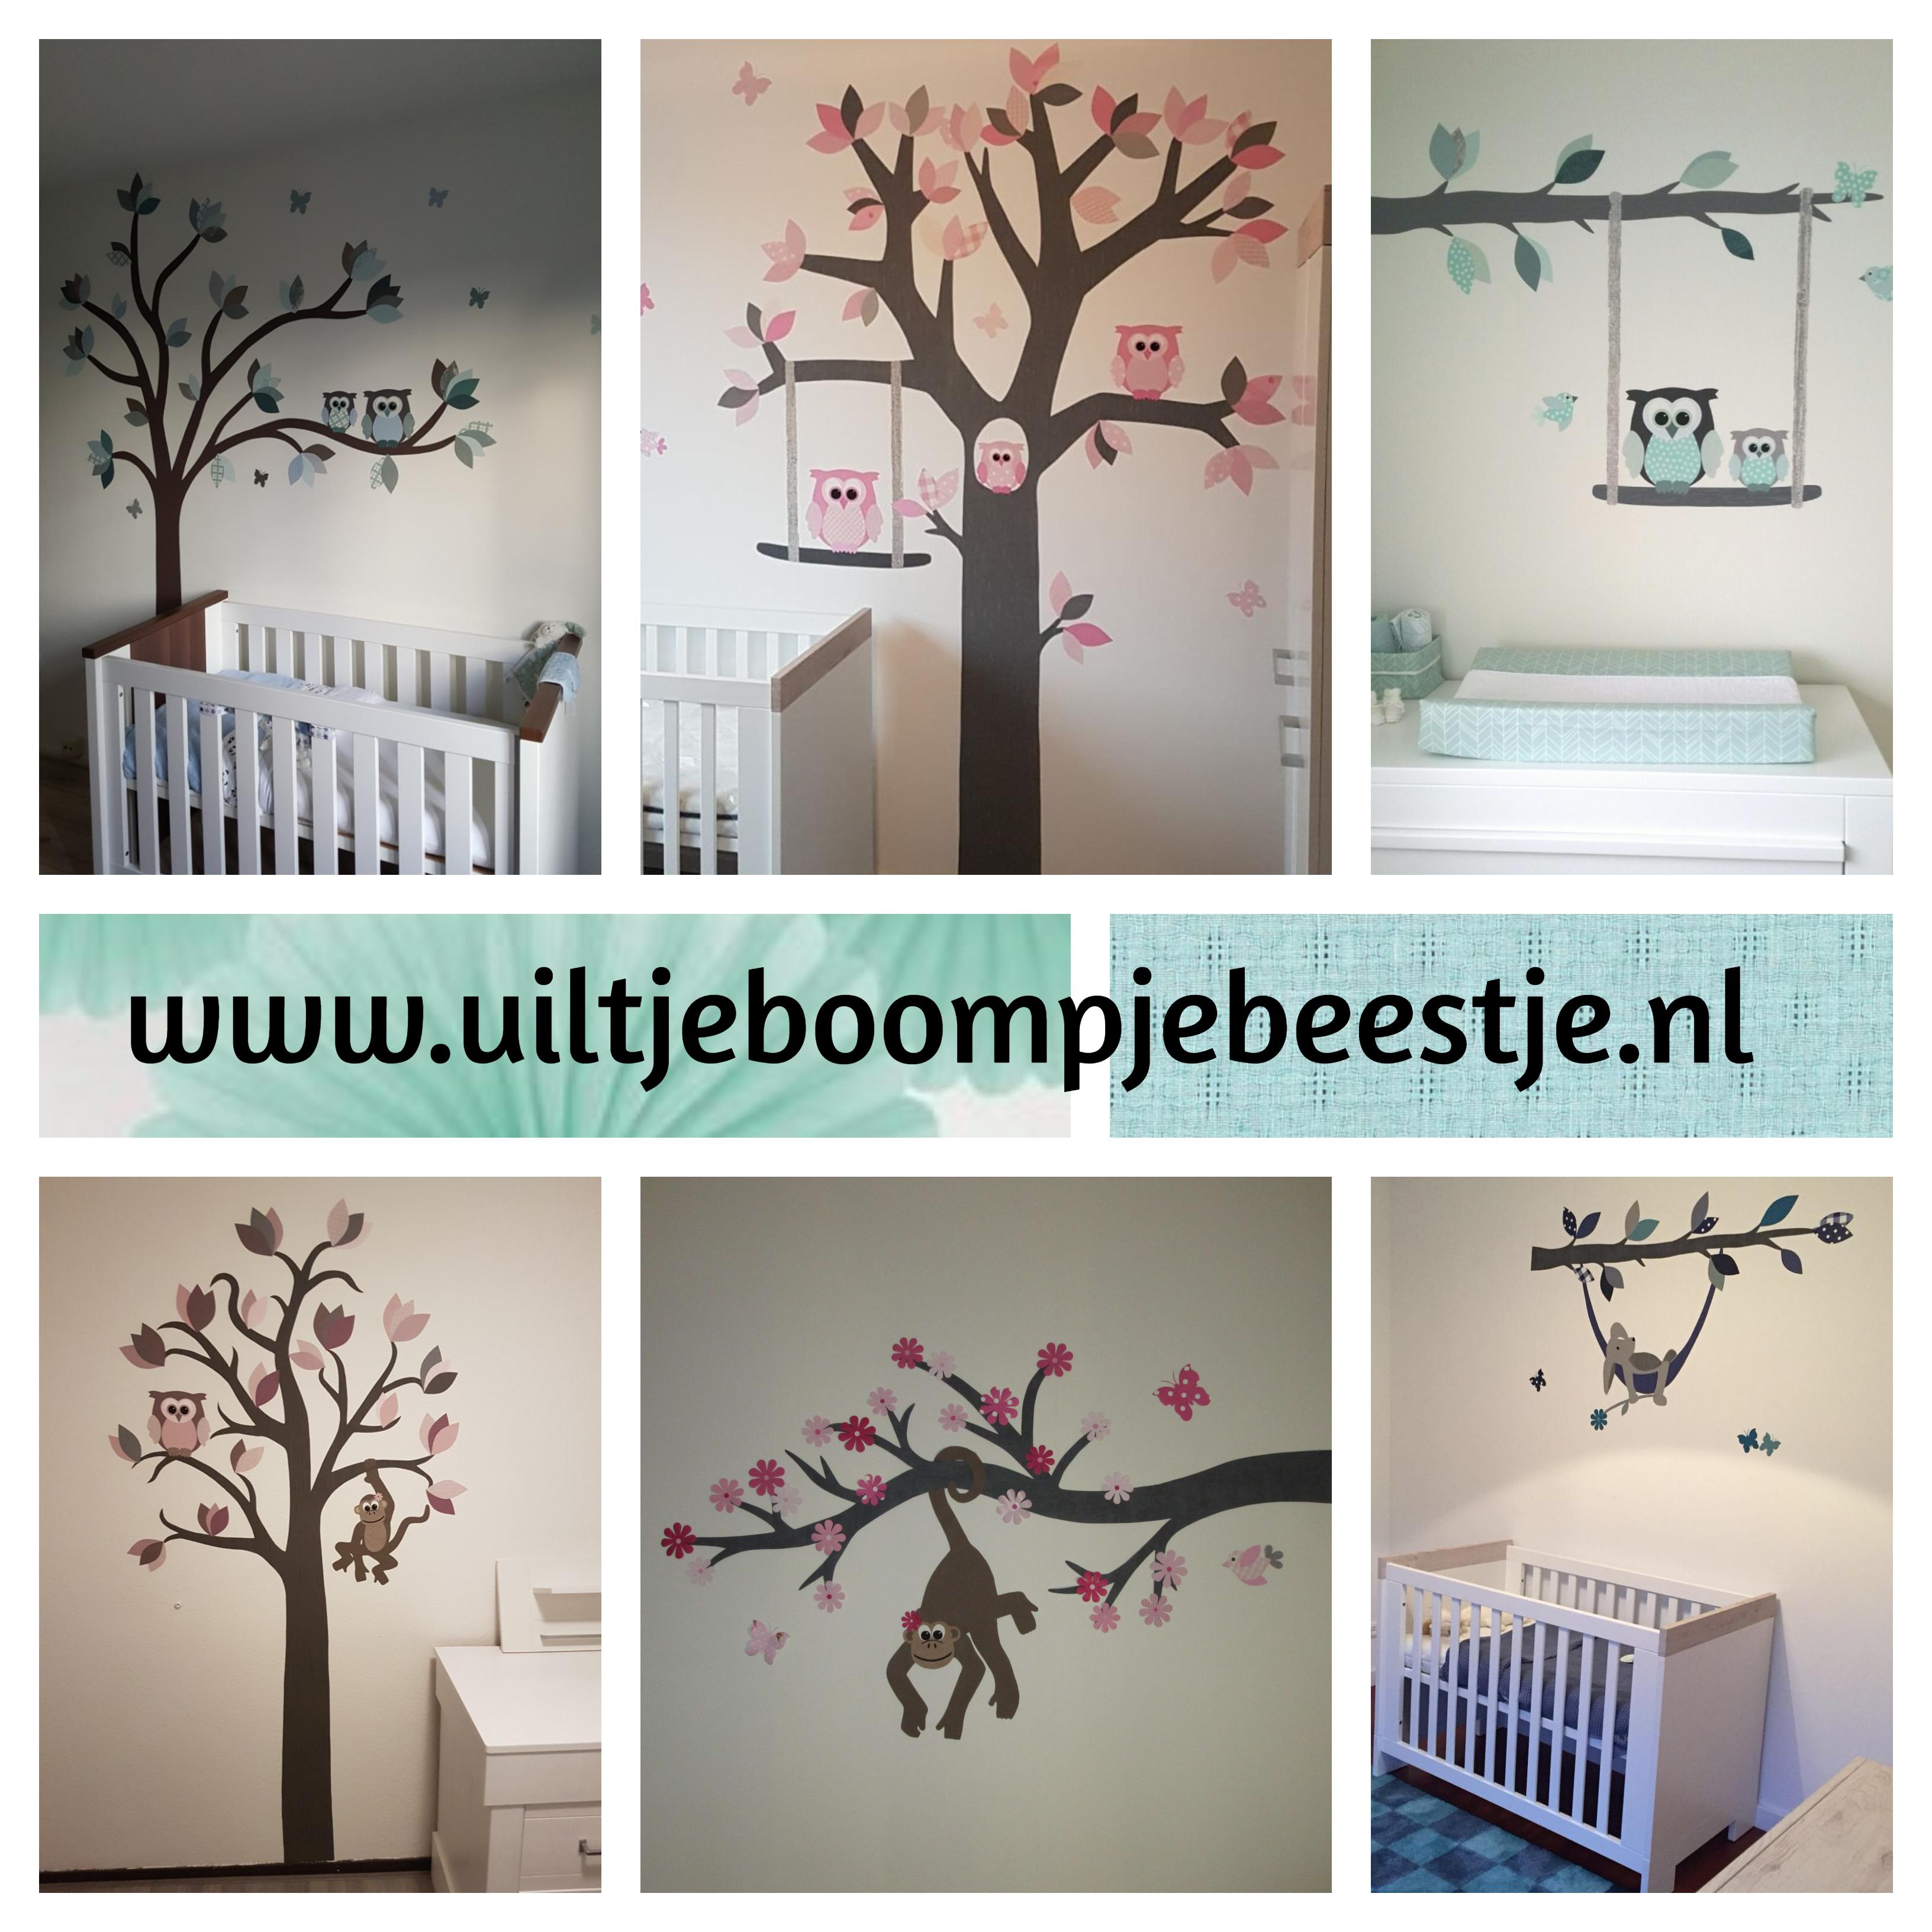 behangdecoratie babykamer kinderkamer behang uilen apen bosdieren behangtak muurdecoratie